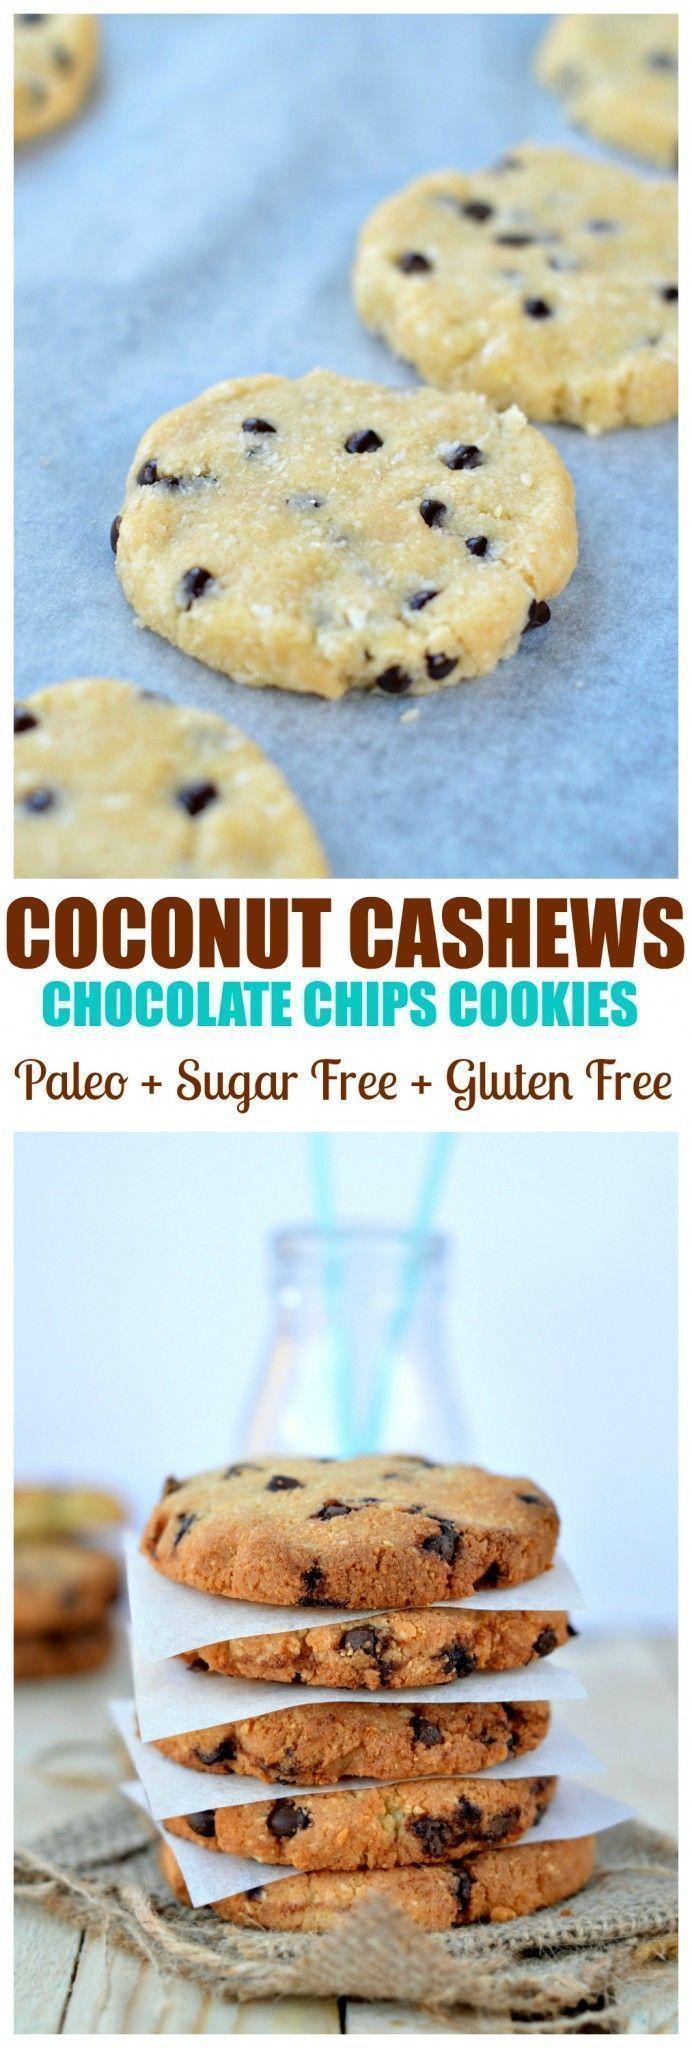 Sugar free cookies | Cashew cookies with coconut flour | healthy clean cookies | cashew cookies | paleo cookies | daiebtes friendly cookies